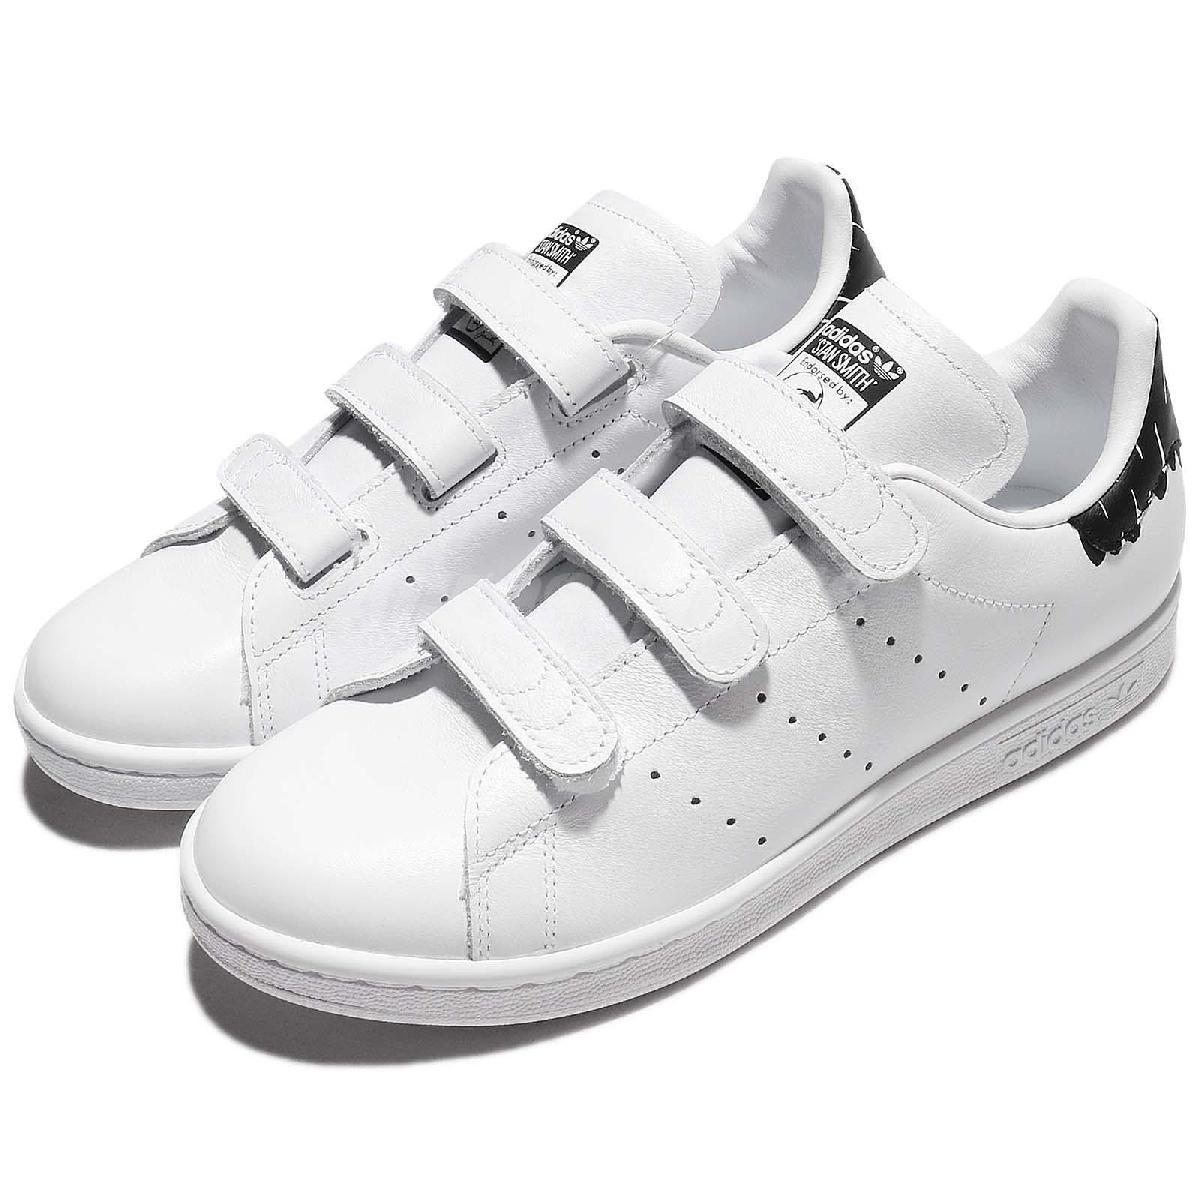 adidas休閒鞋Stan Smith CF W白黑皮革後跟塗鴉設計魔鬼氈女鞋PUMP306 BY2975